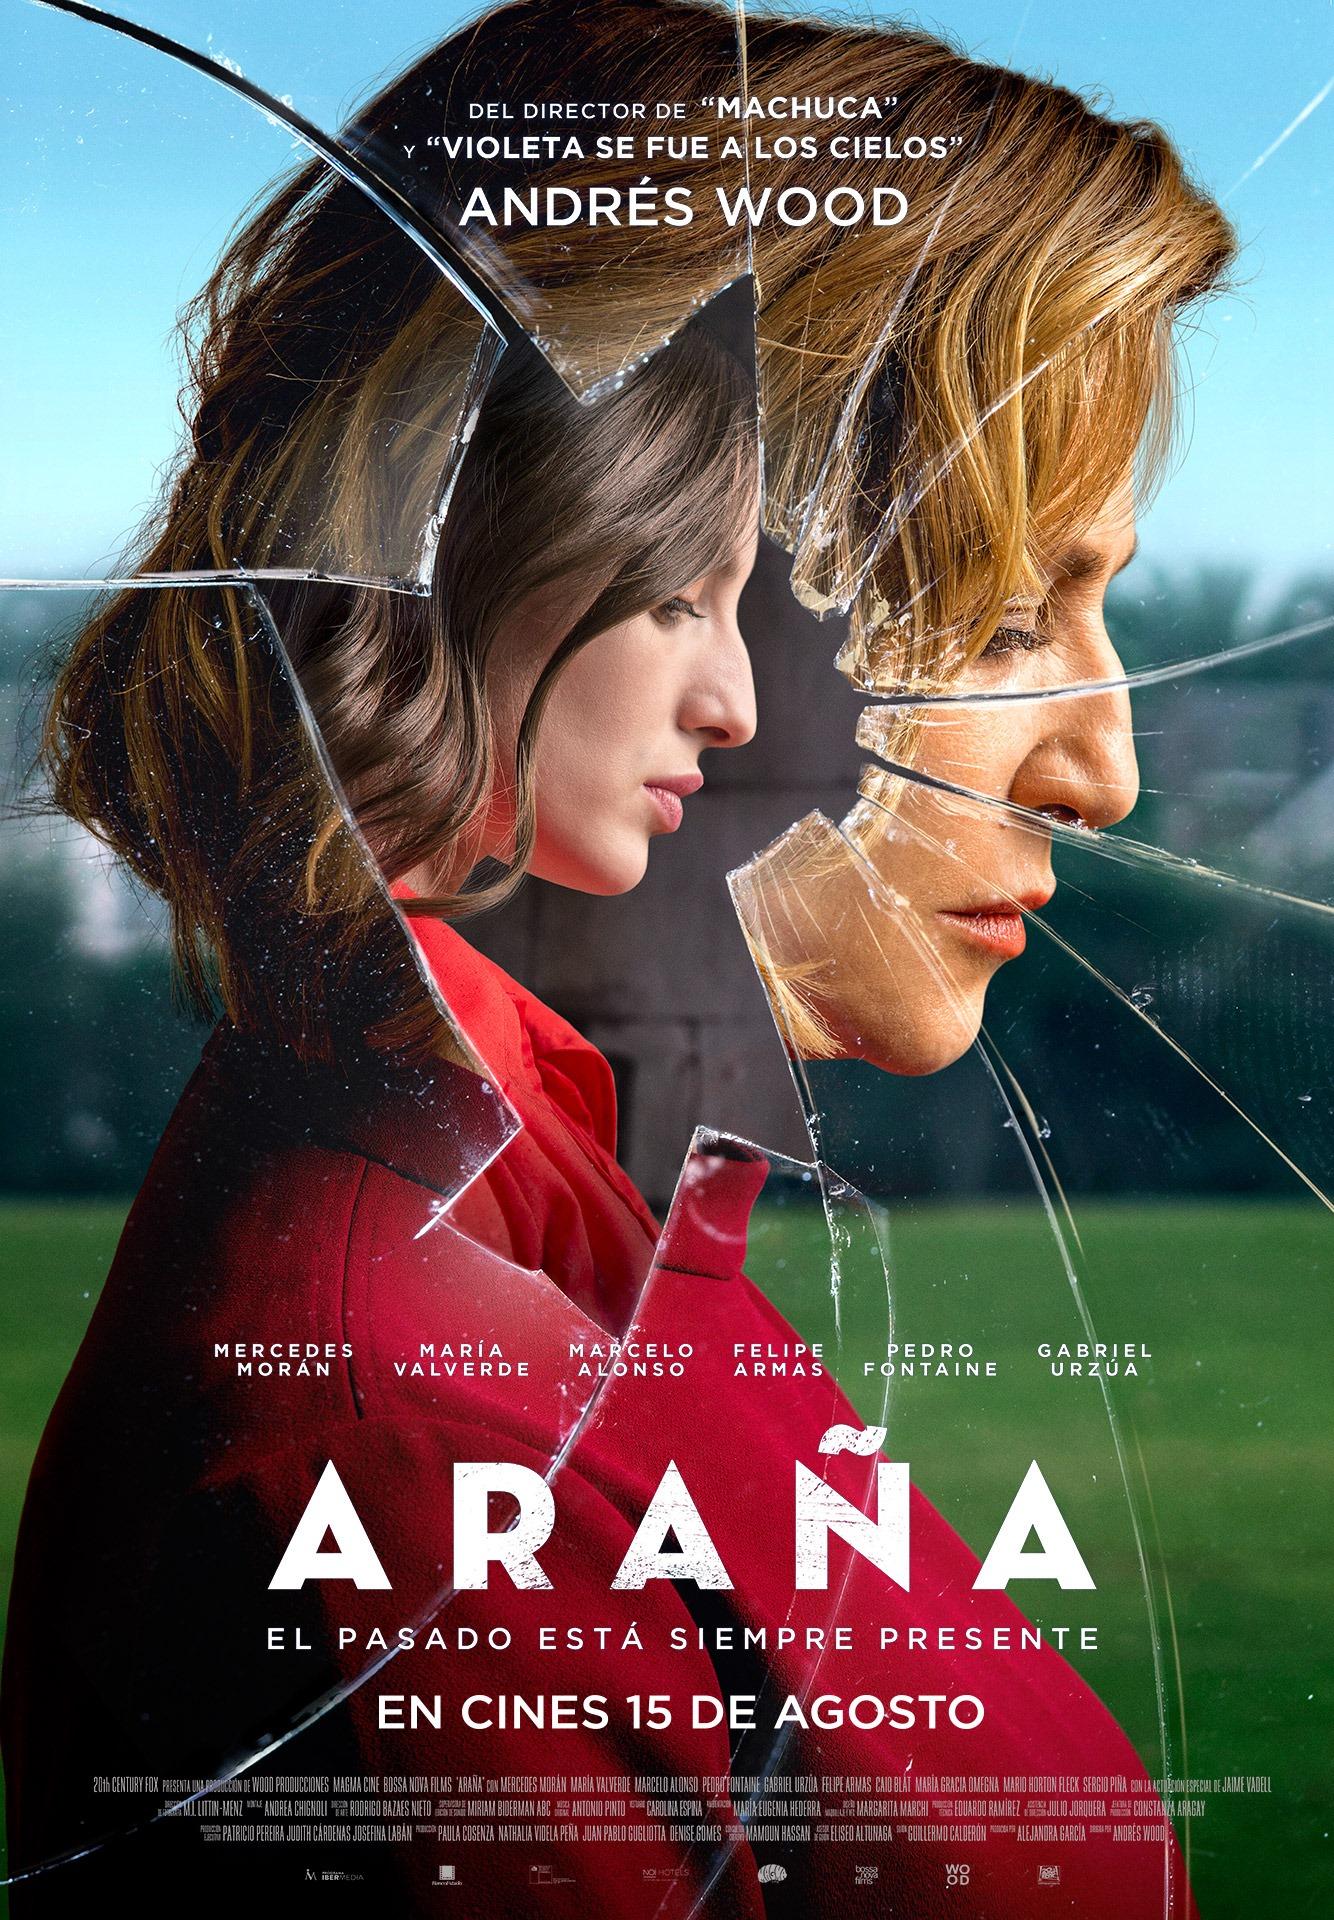 Download Filme Aranha Torrent 2021 Qualidade Hd